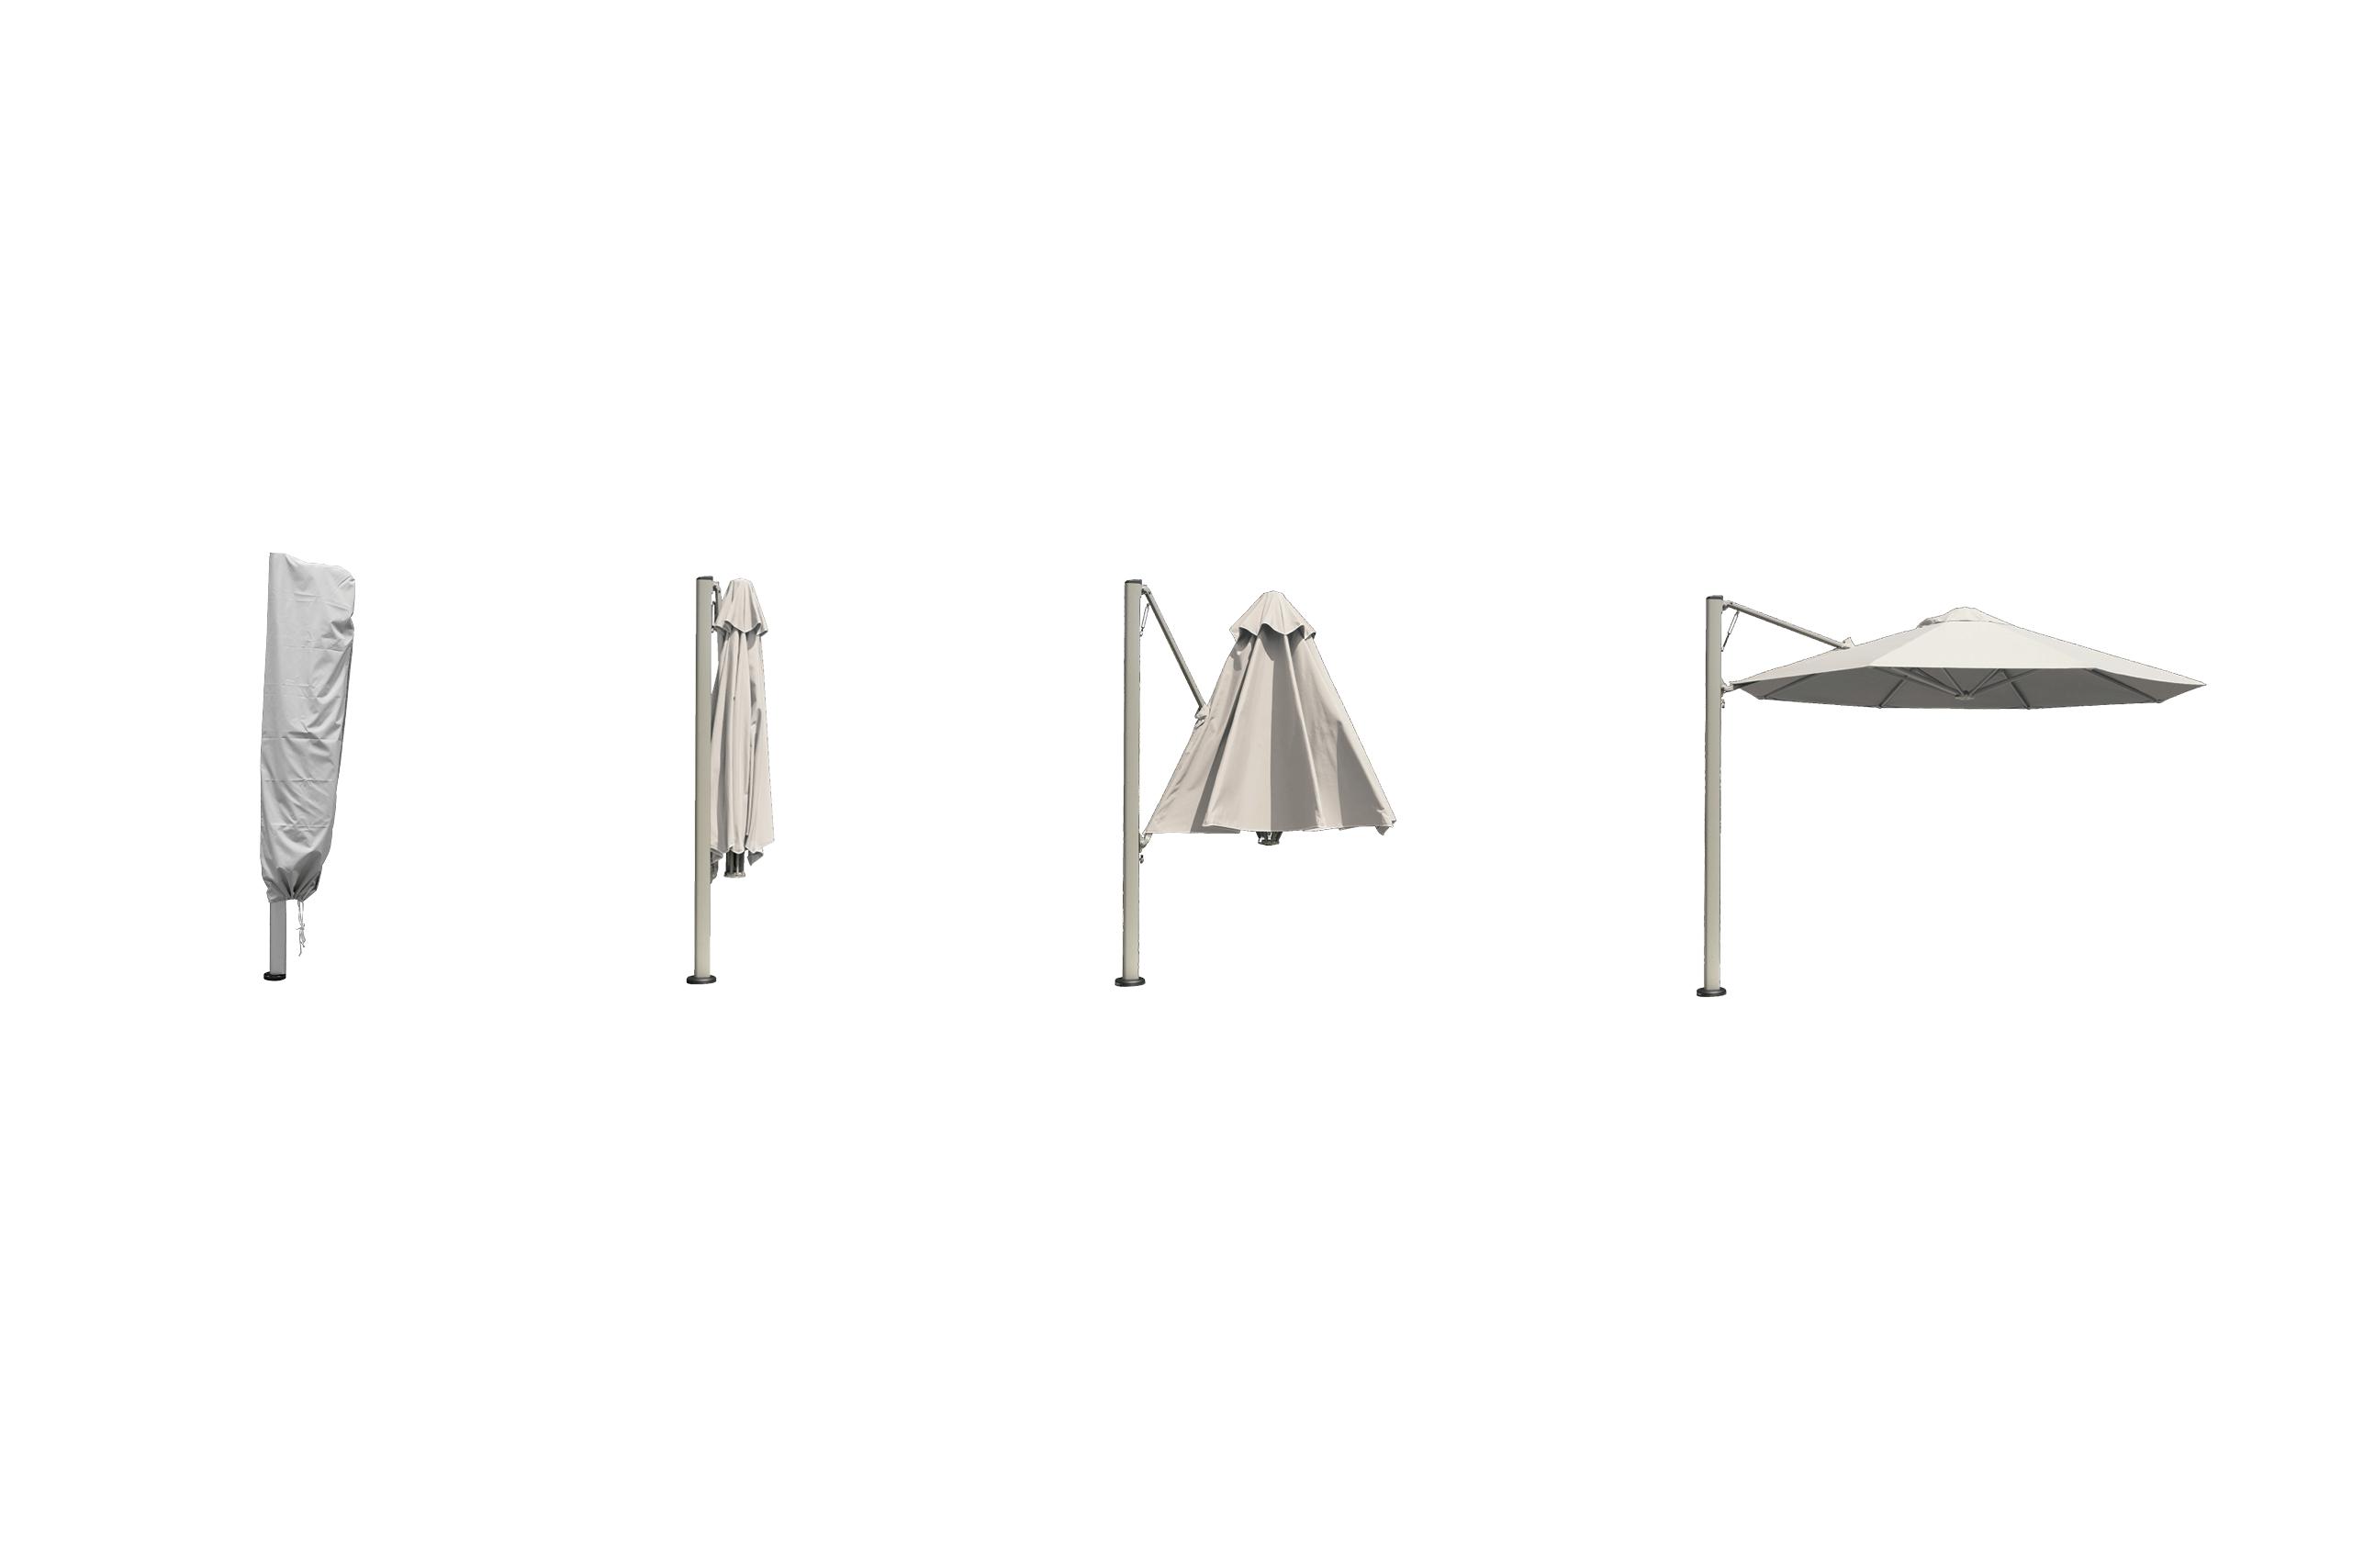 Rotating Cantilever Umbrella